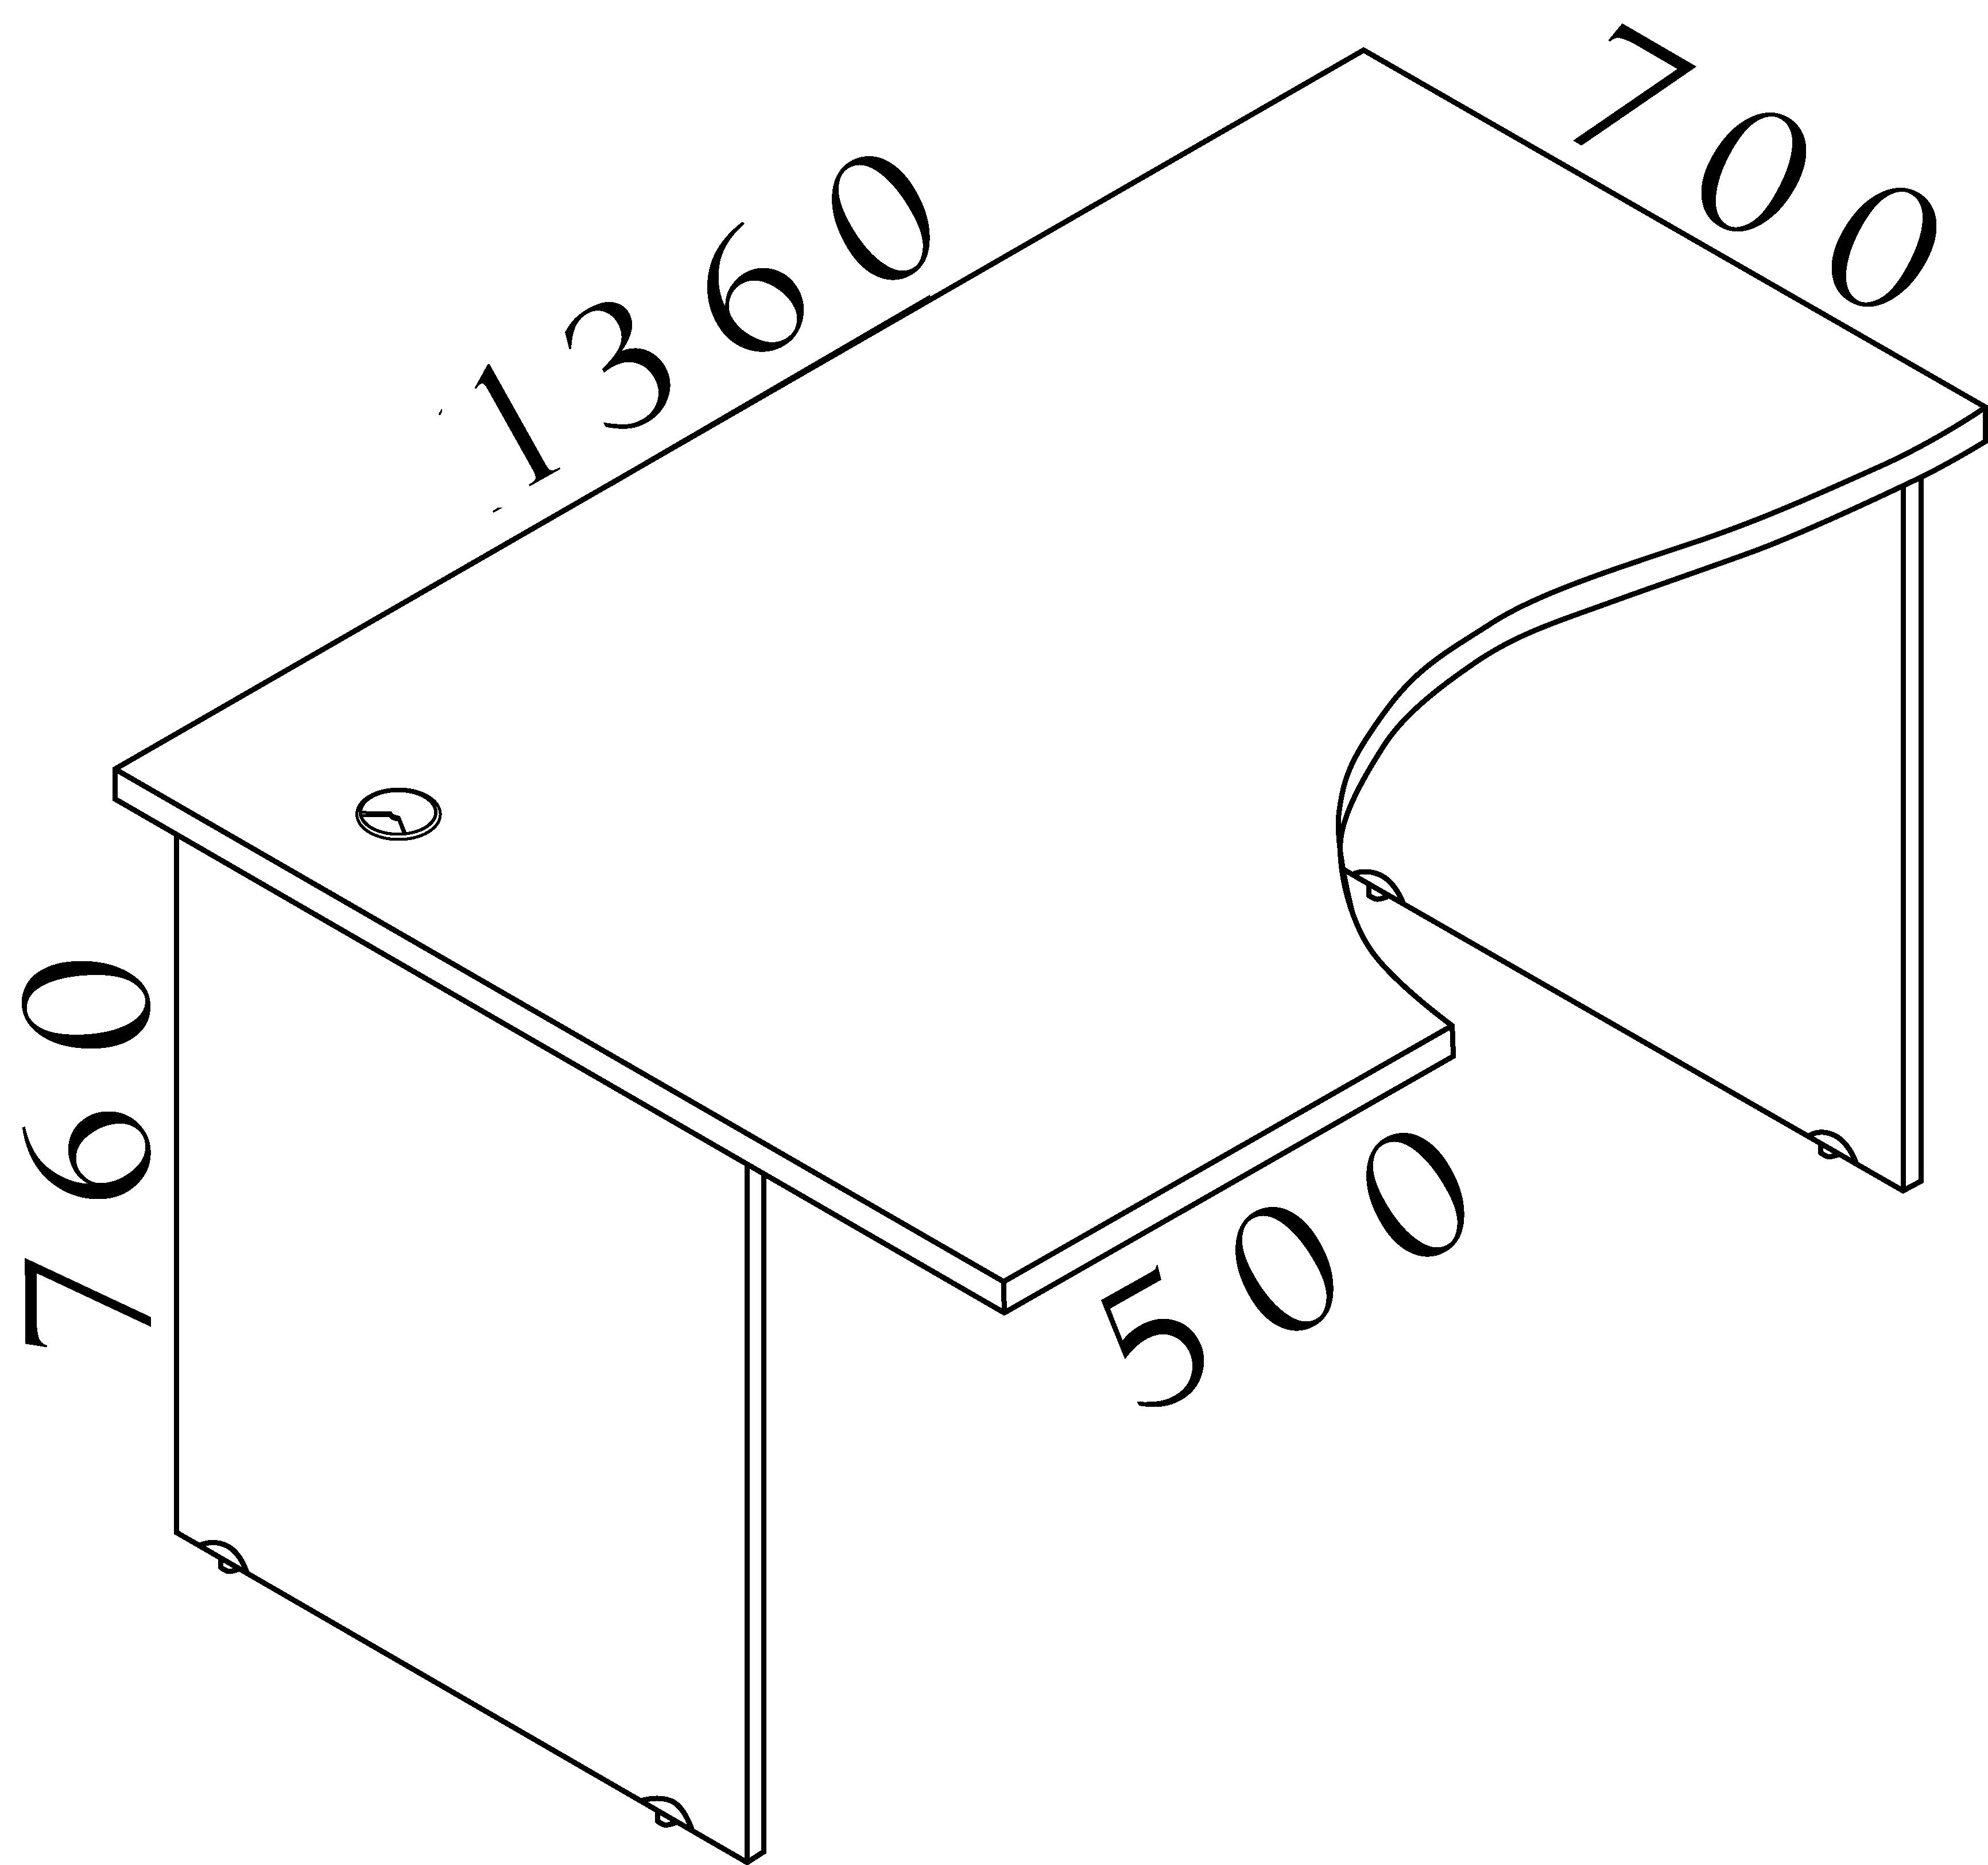 BKA19 19